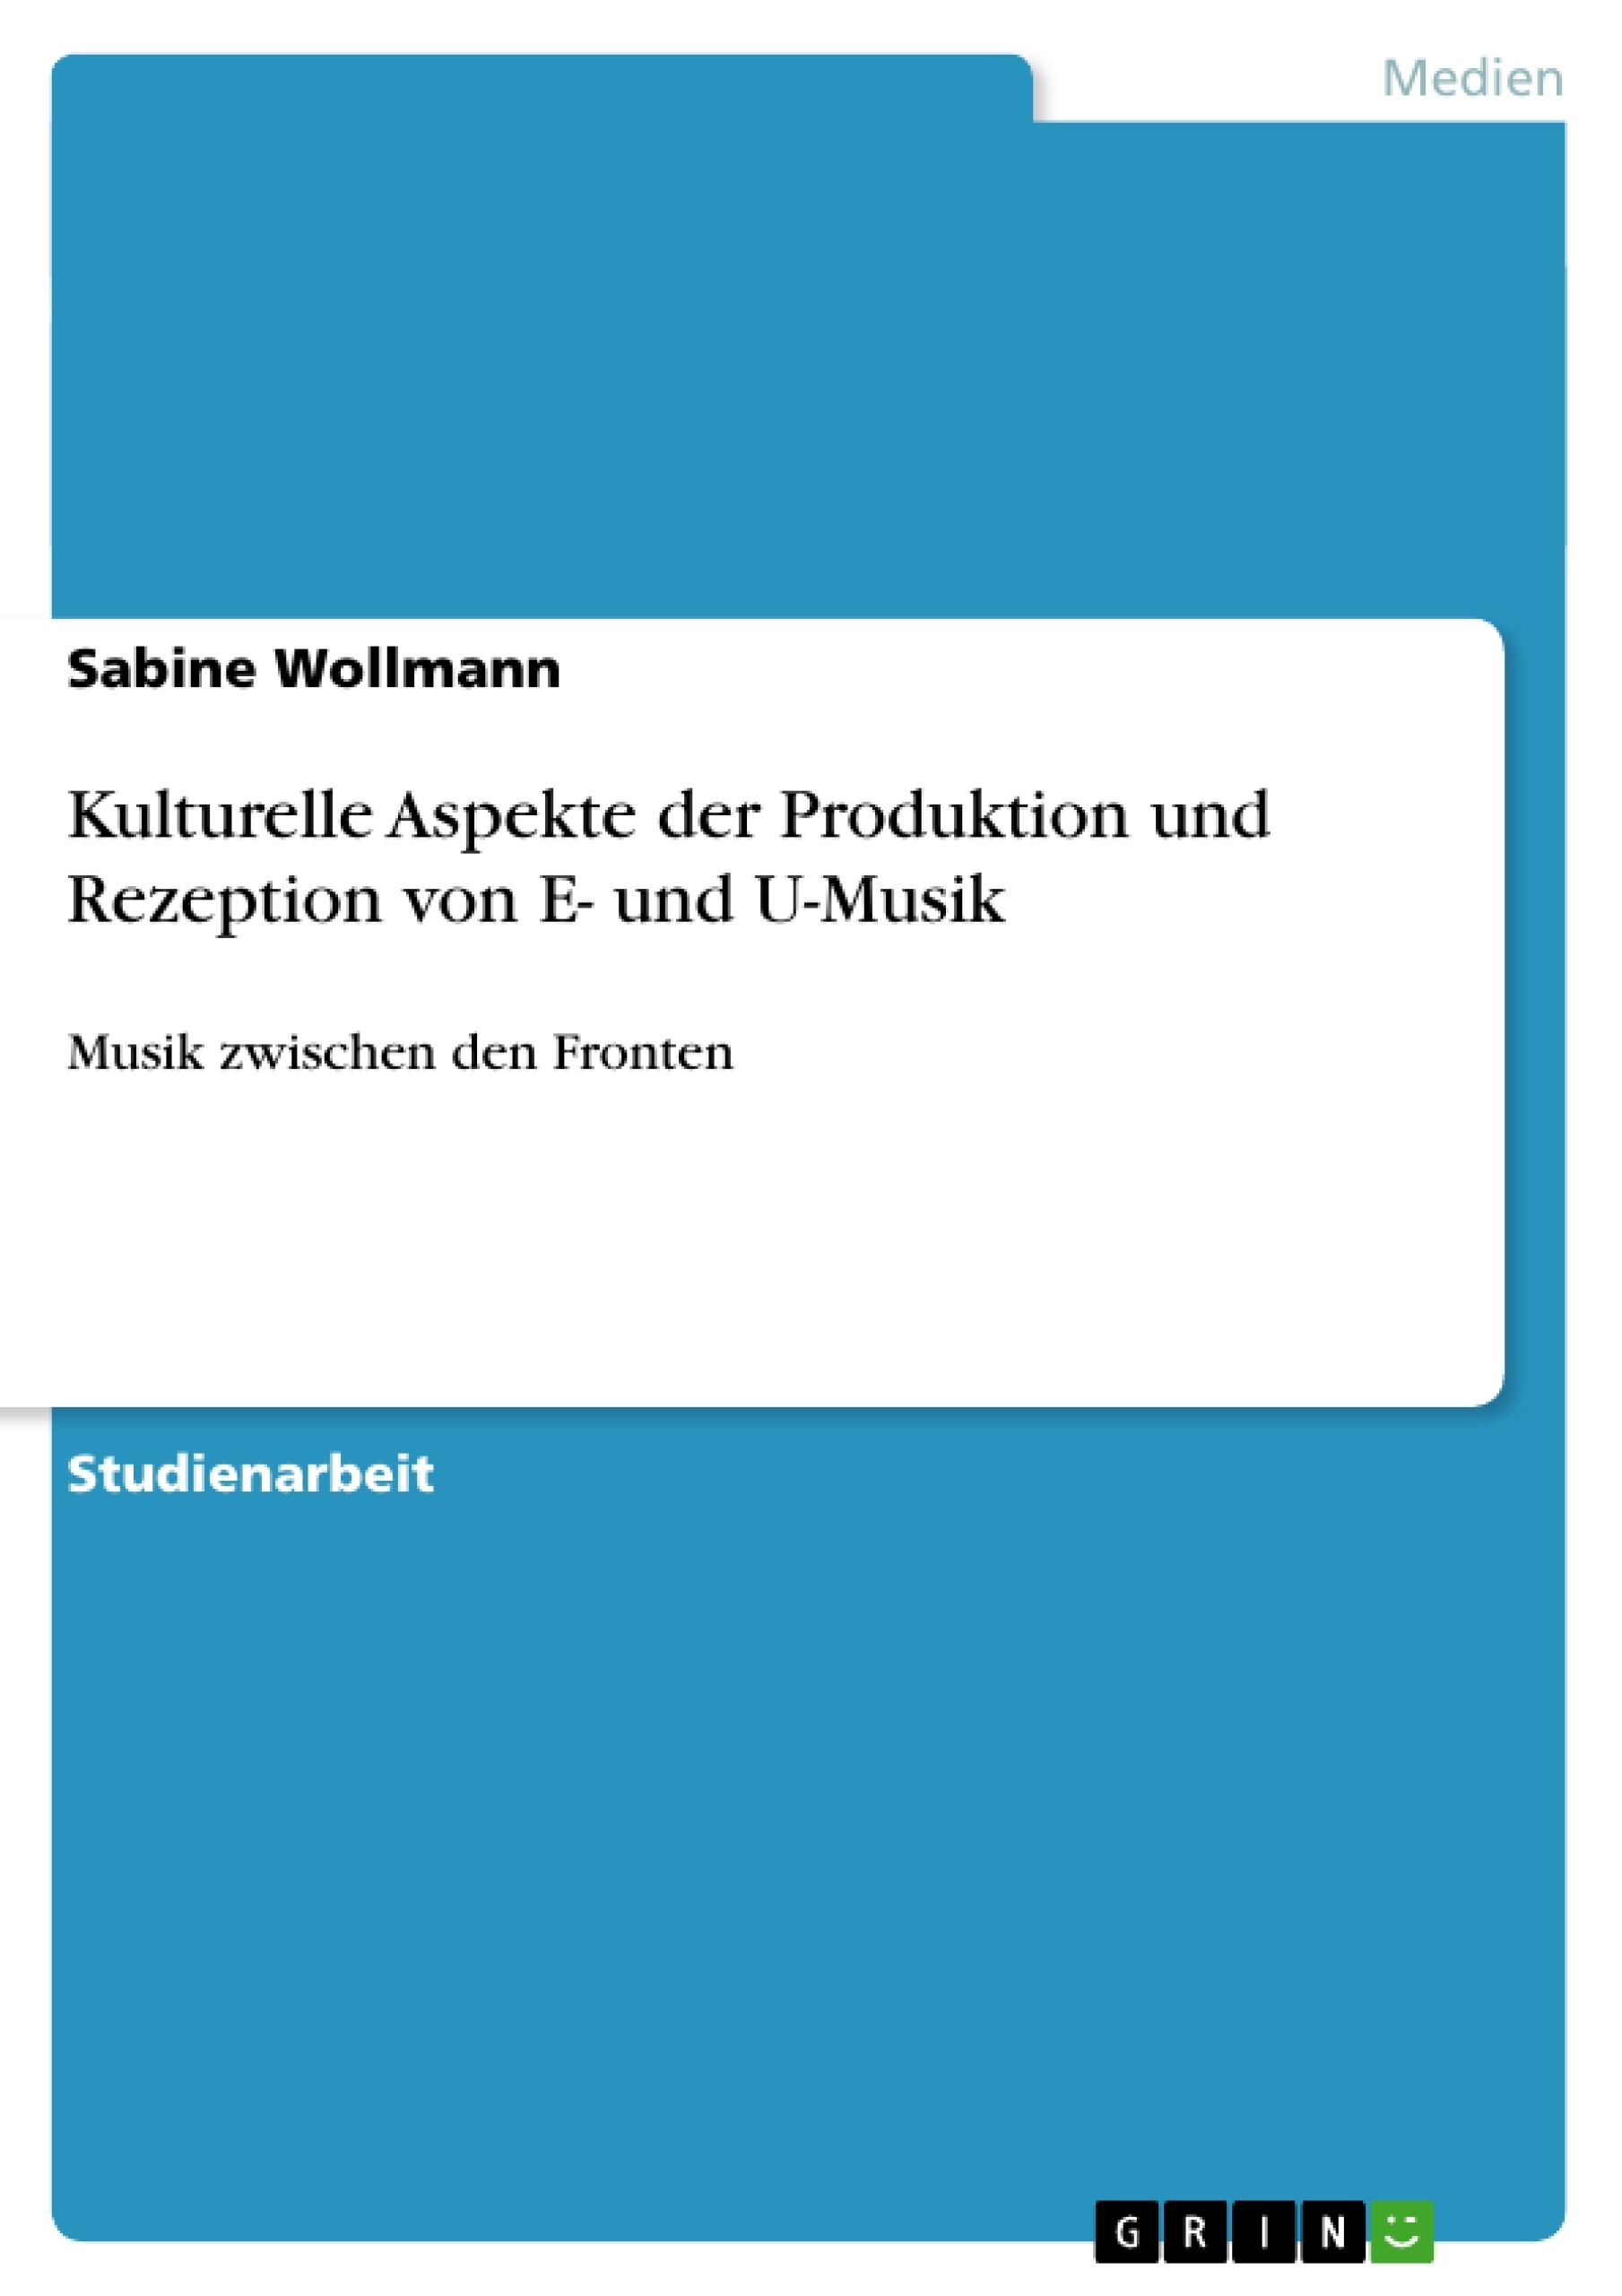 Titel: Kulturelle Aspekte der Produktion und Rezeption von E- und U-Musik